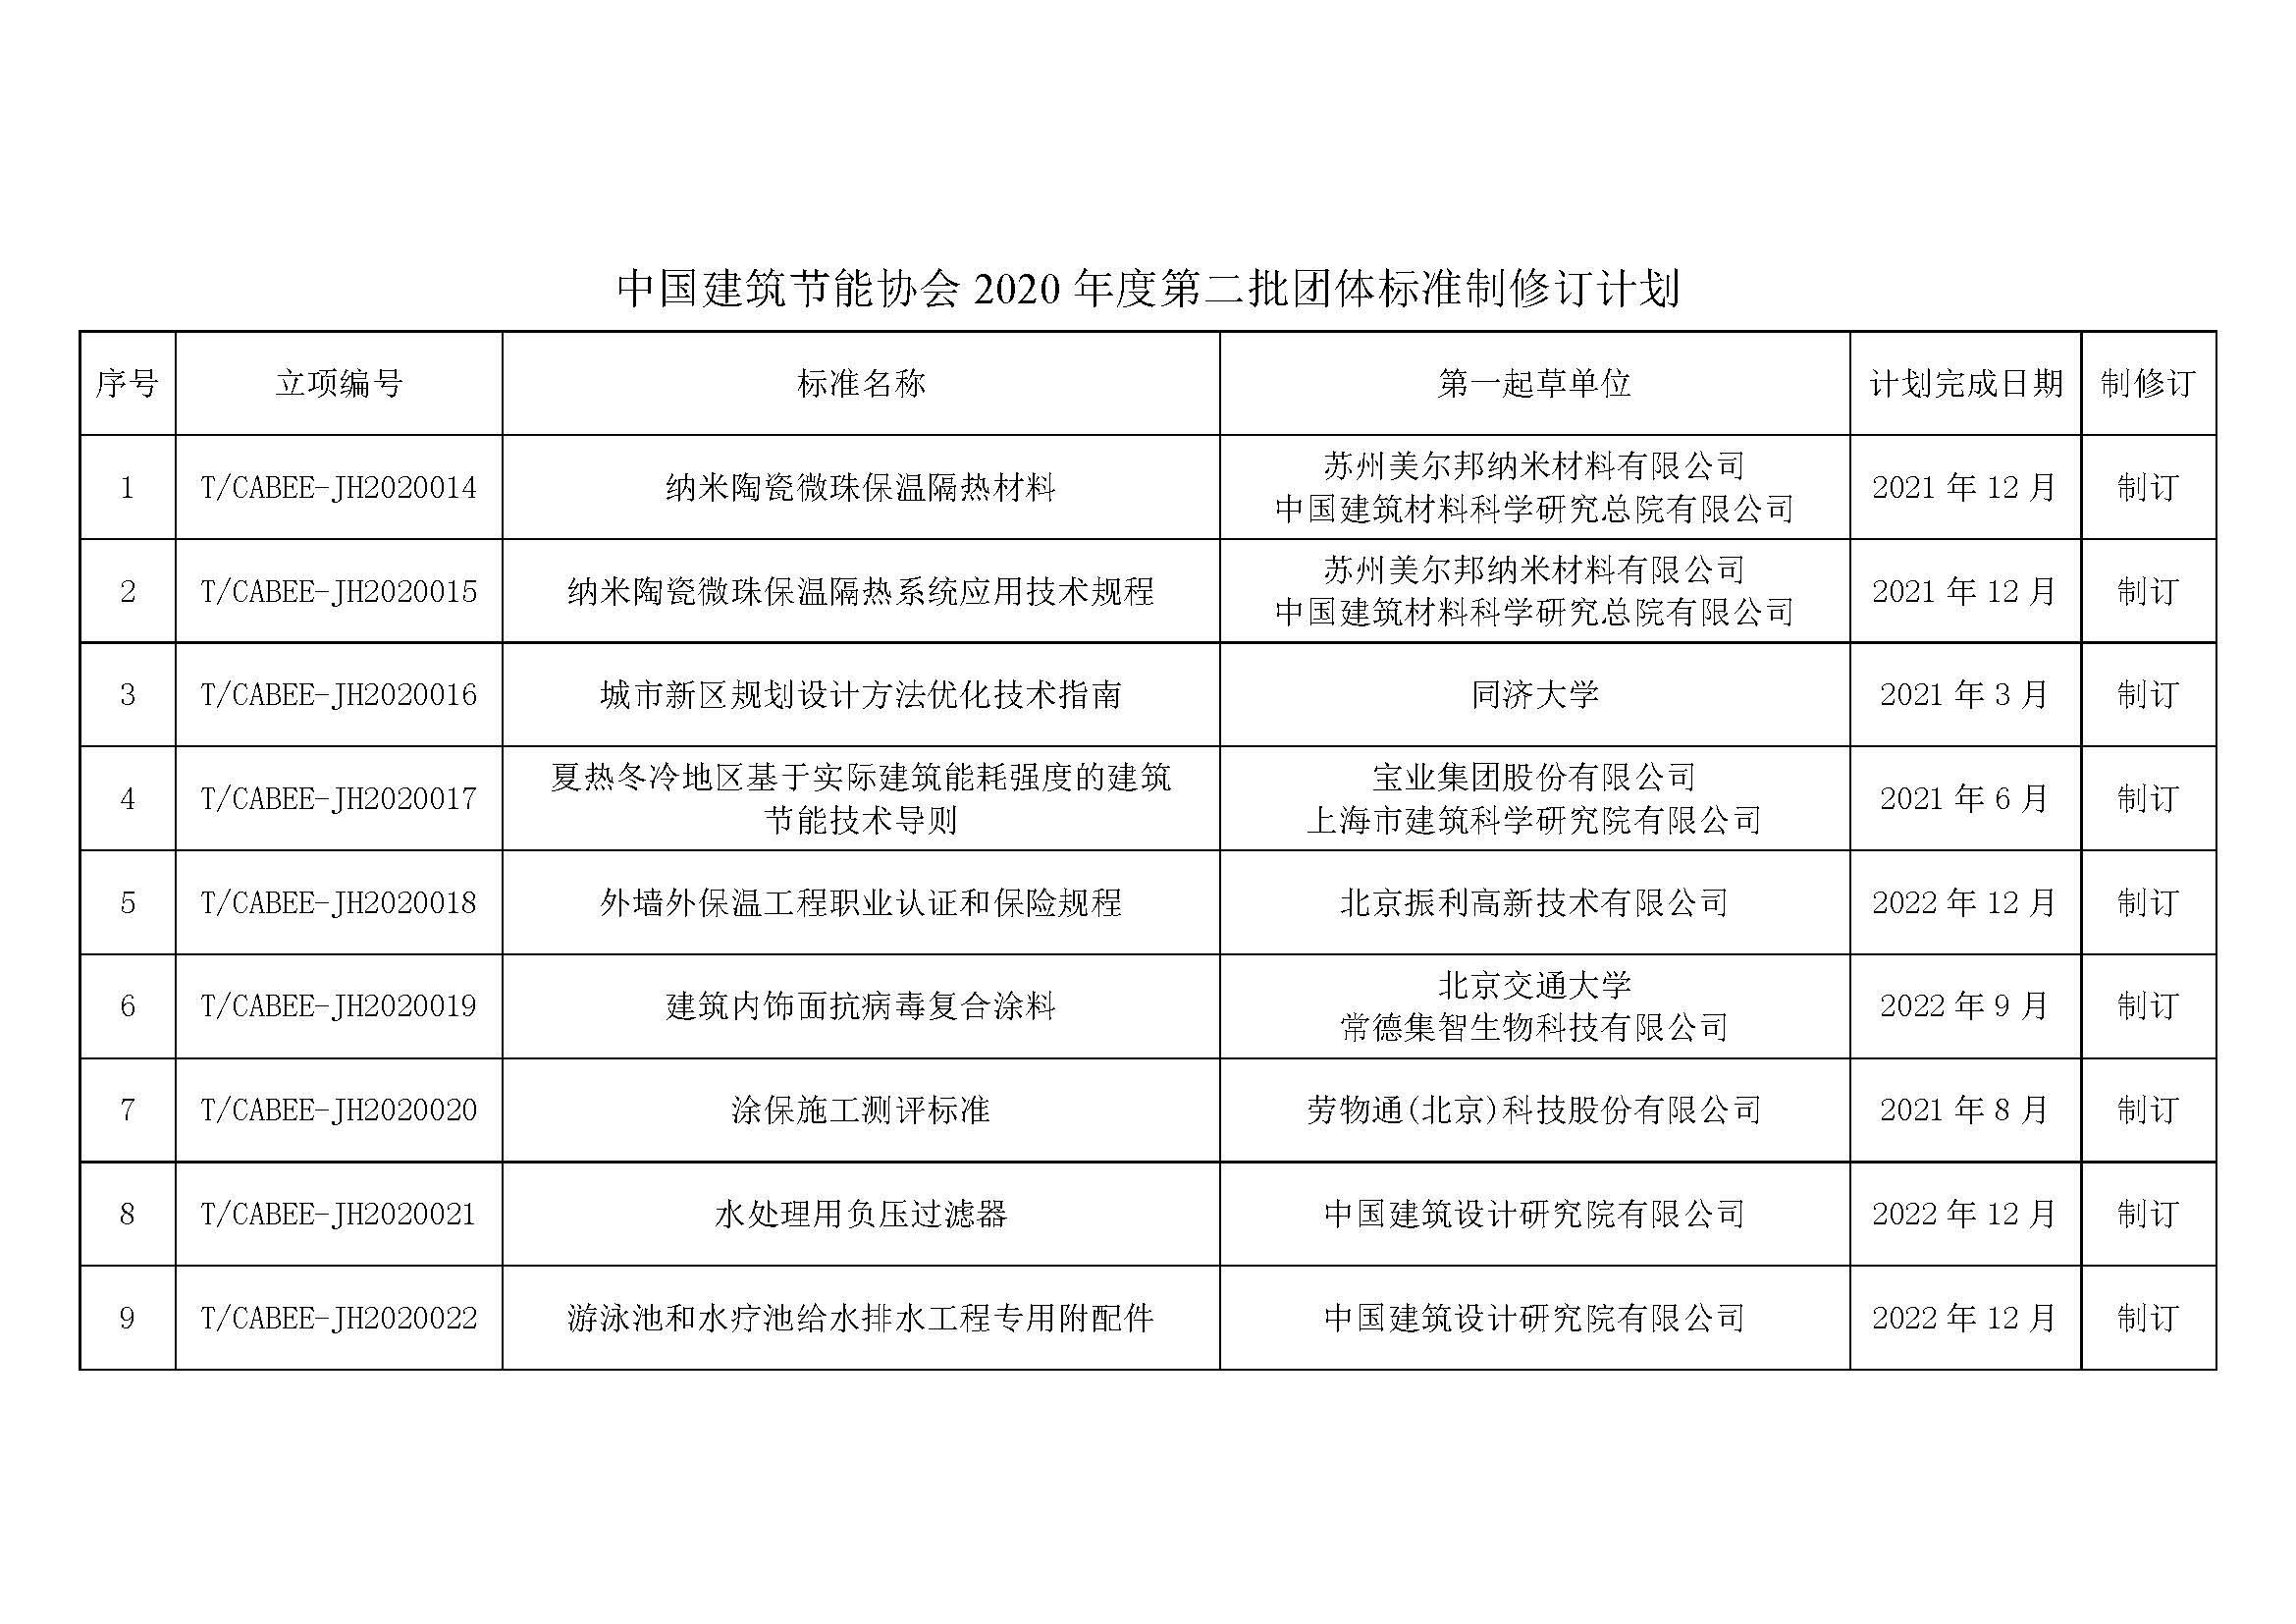 附件-2020年度第二批团体标准制修订计划_页面_1.jpg